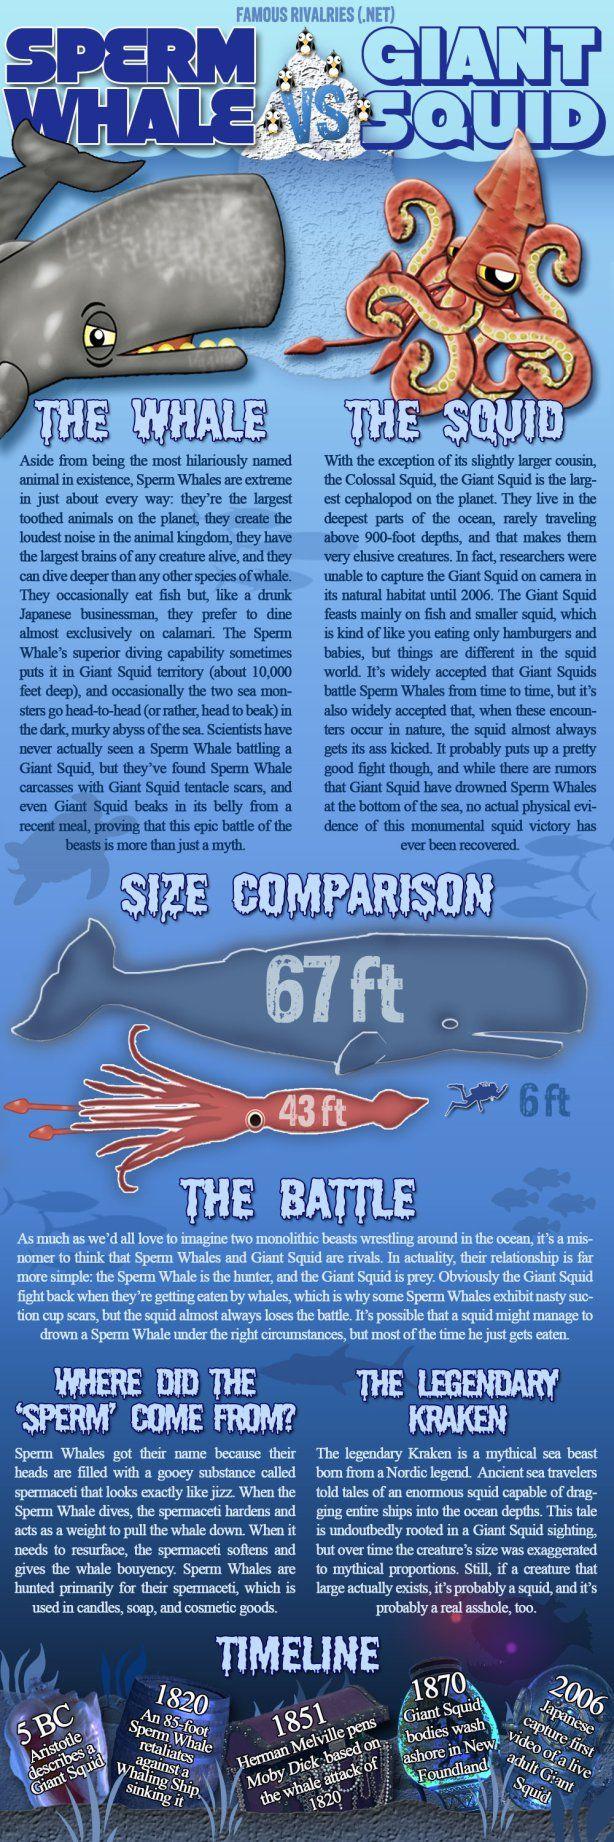 Famous Rivalries Sperm Whale vs Giant Squid